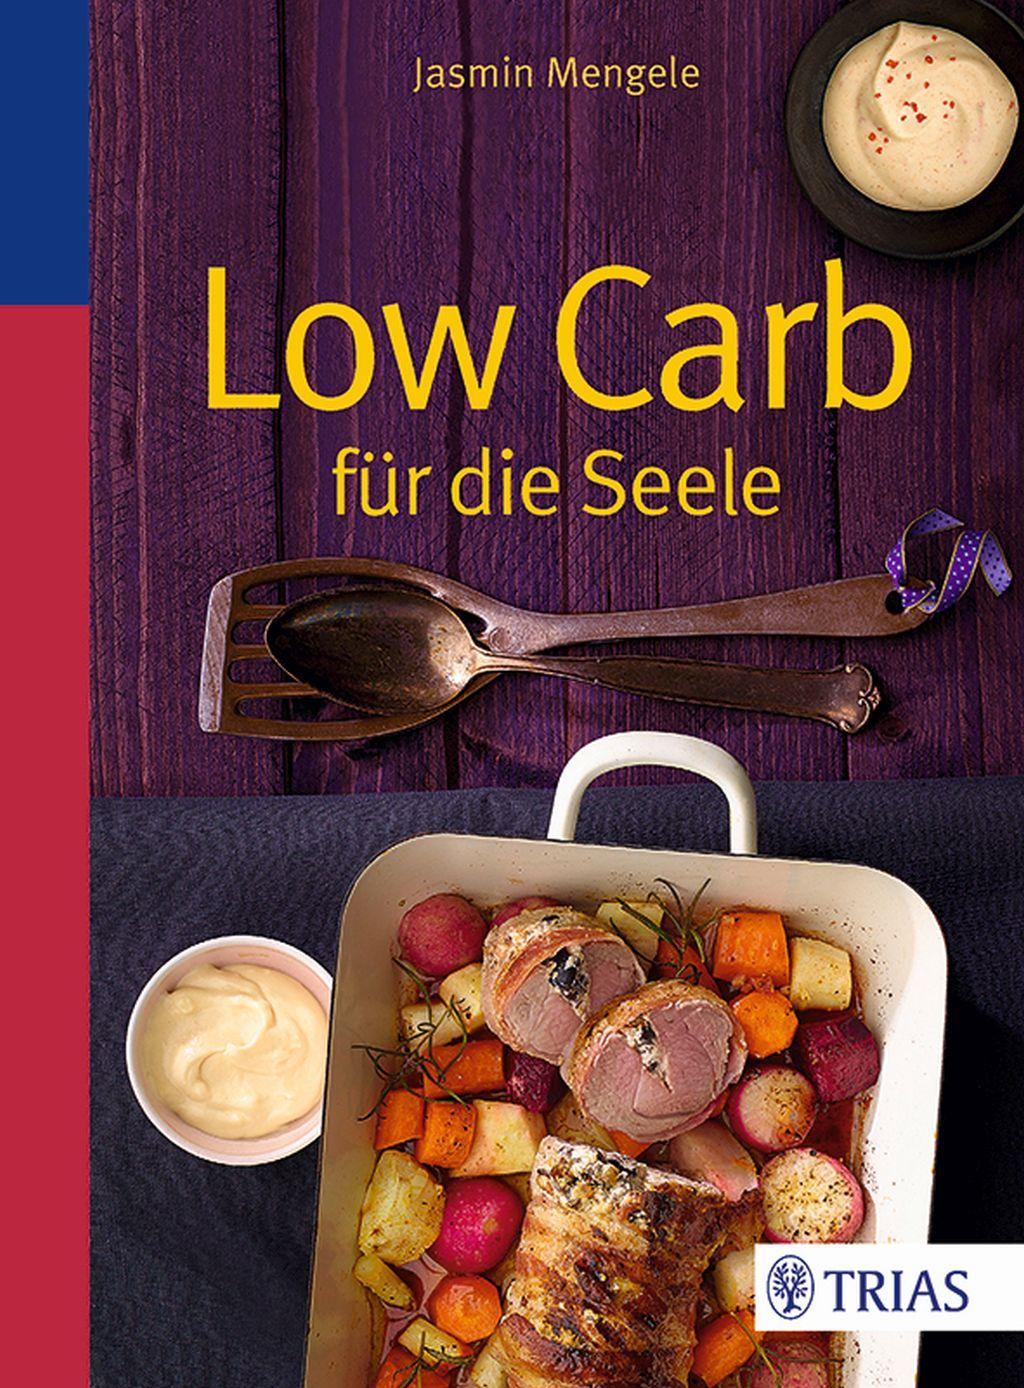 Mengele_Low Carb fuer die Seele_300dpi_cmyk